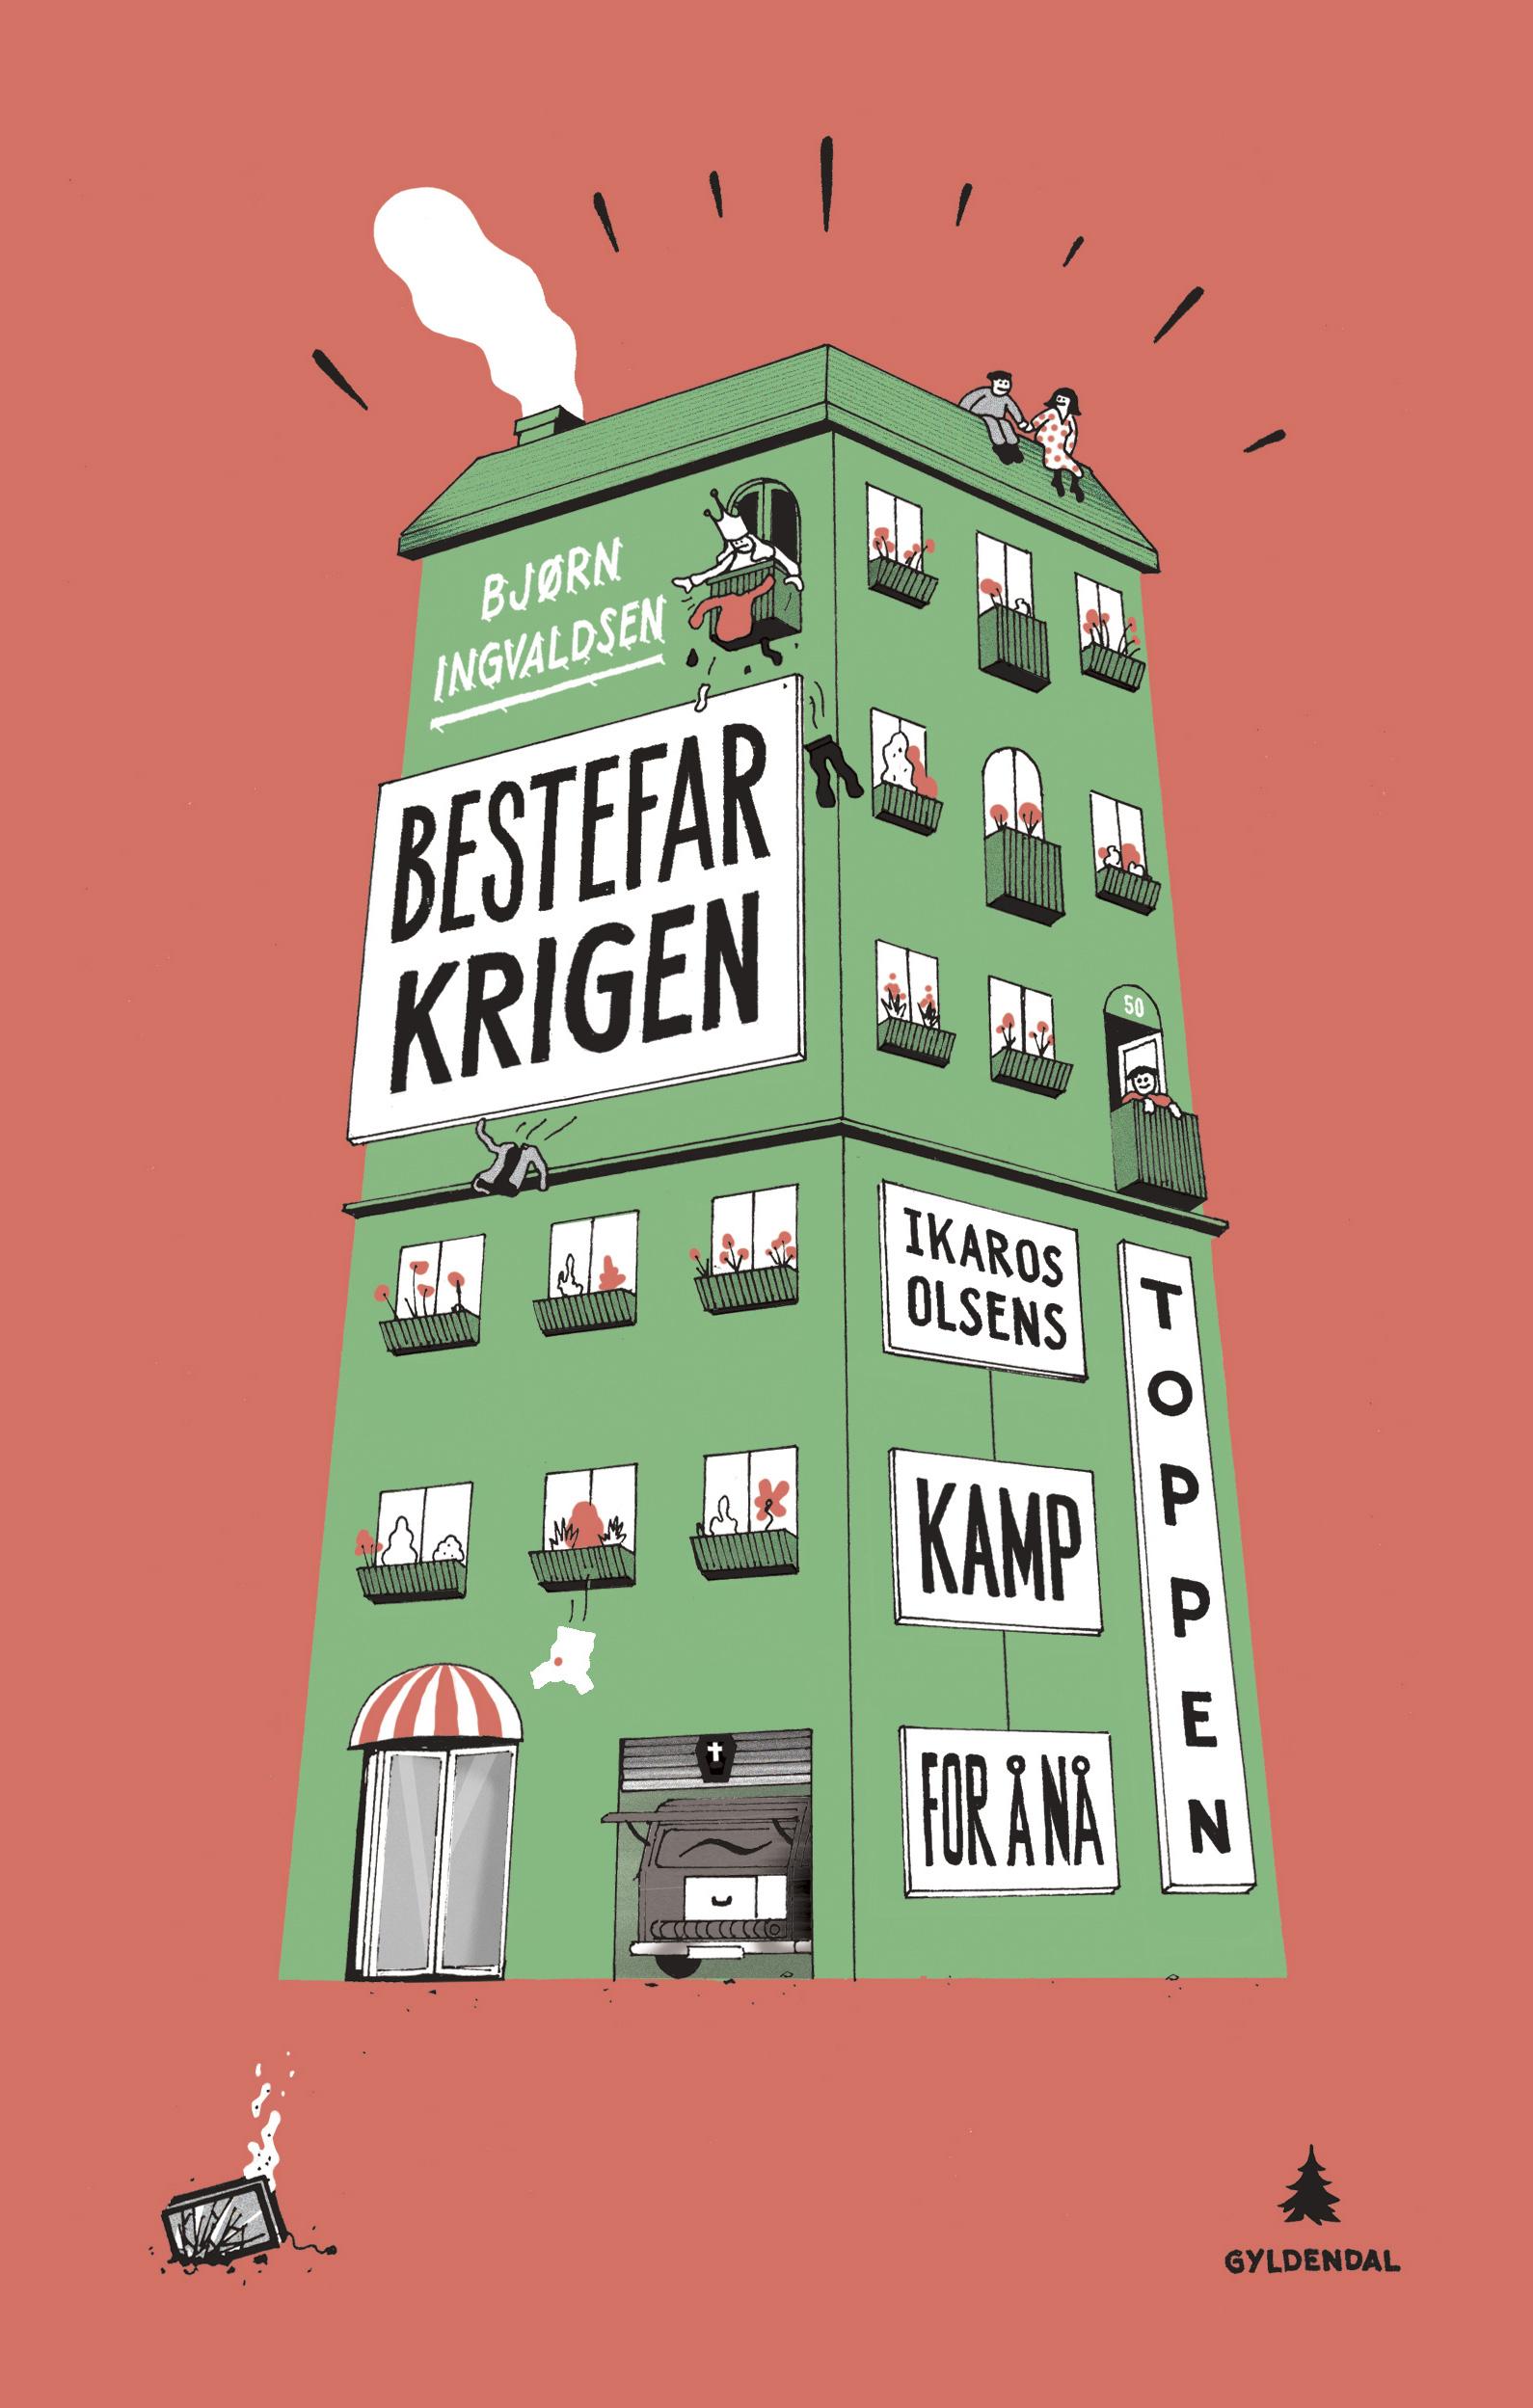 Ikaros-Olsens-kamp-for-n-toppen-3-Bestefarkrigen_Fotokreditering-Gyldendal